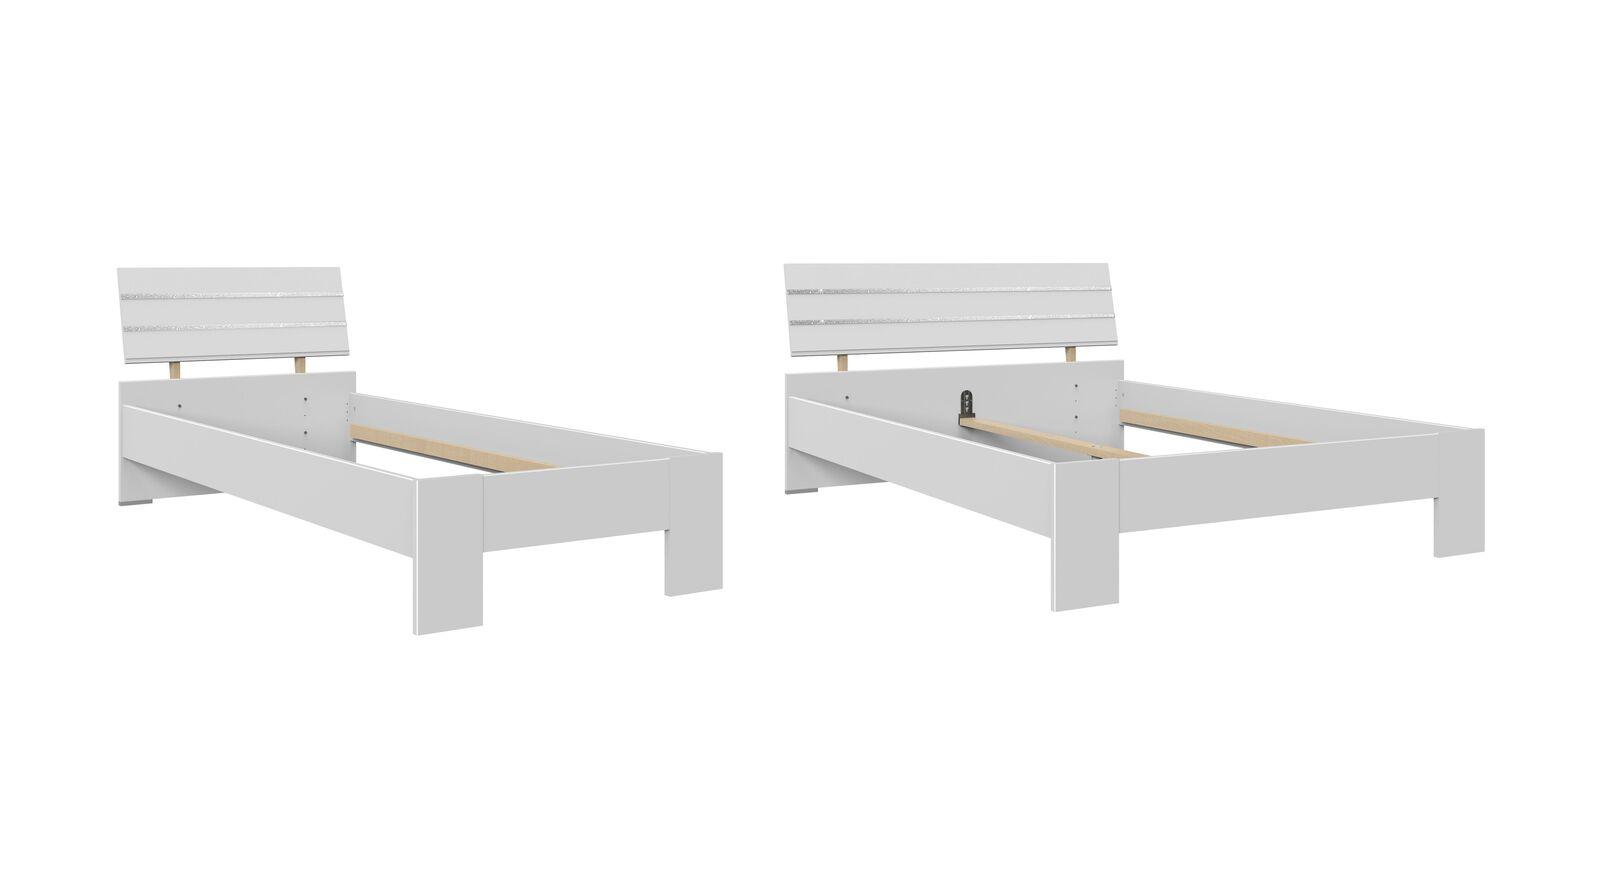 Bett Lajana in zwei Größen erhältlich